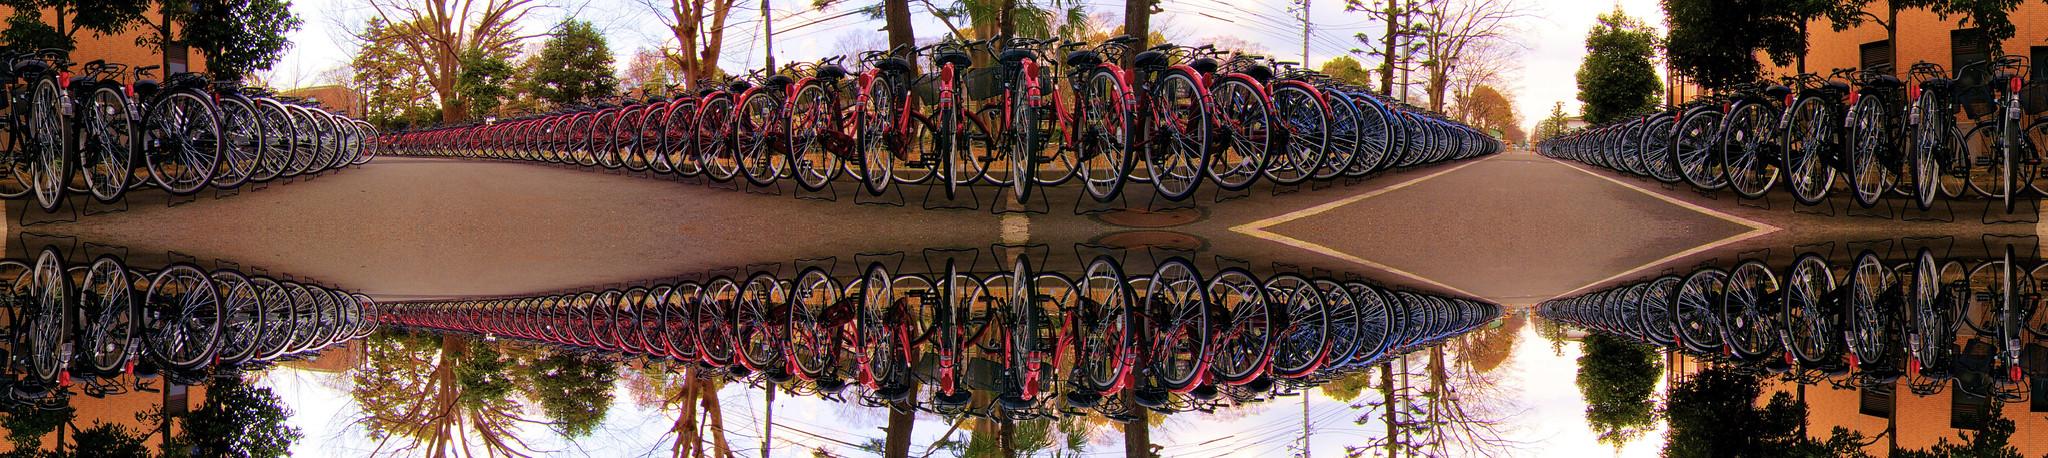 自転車車車車車車車車